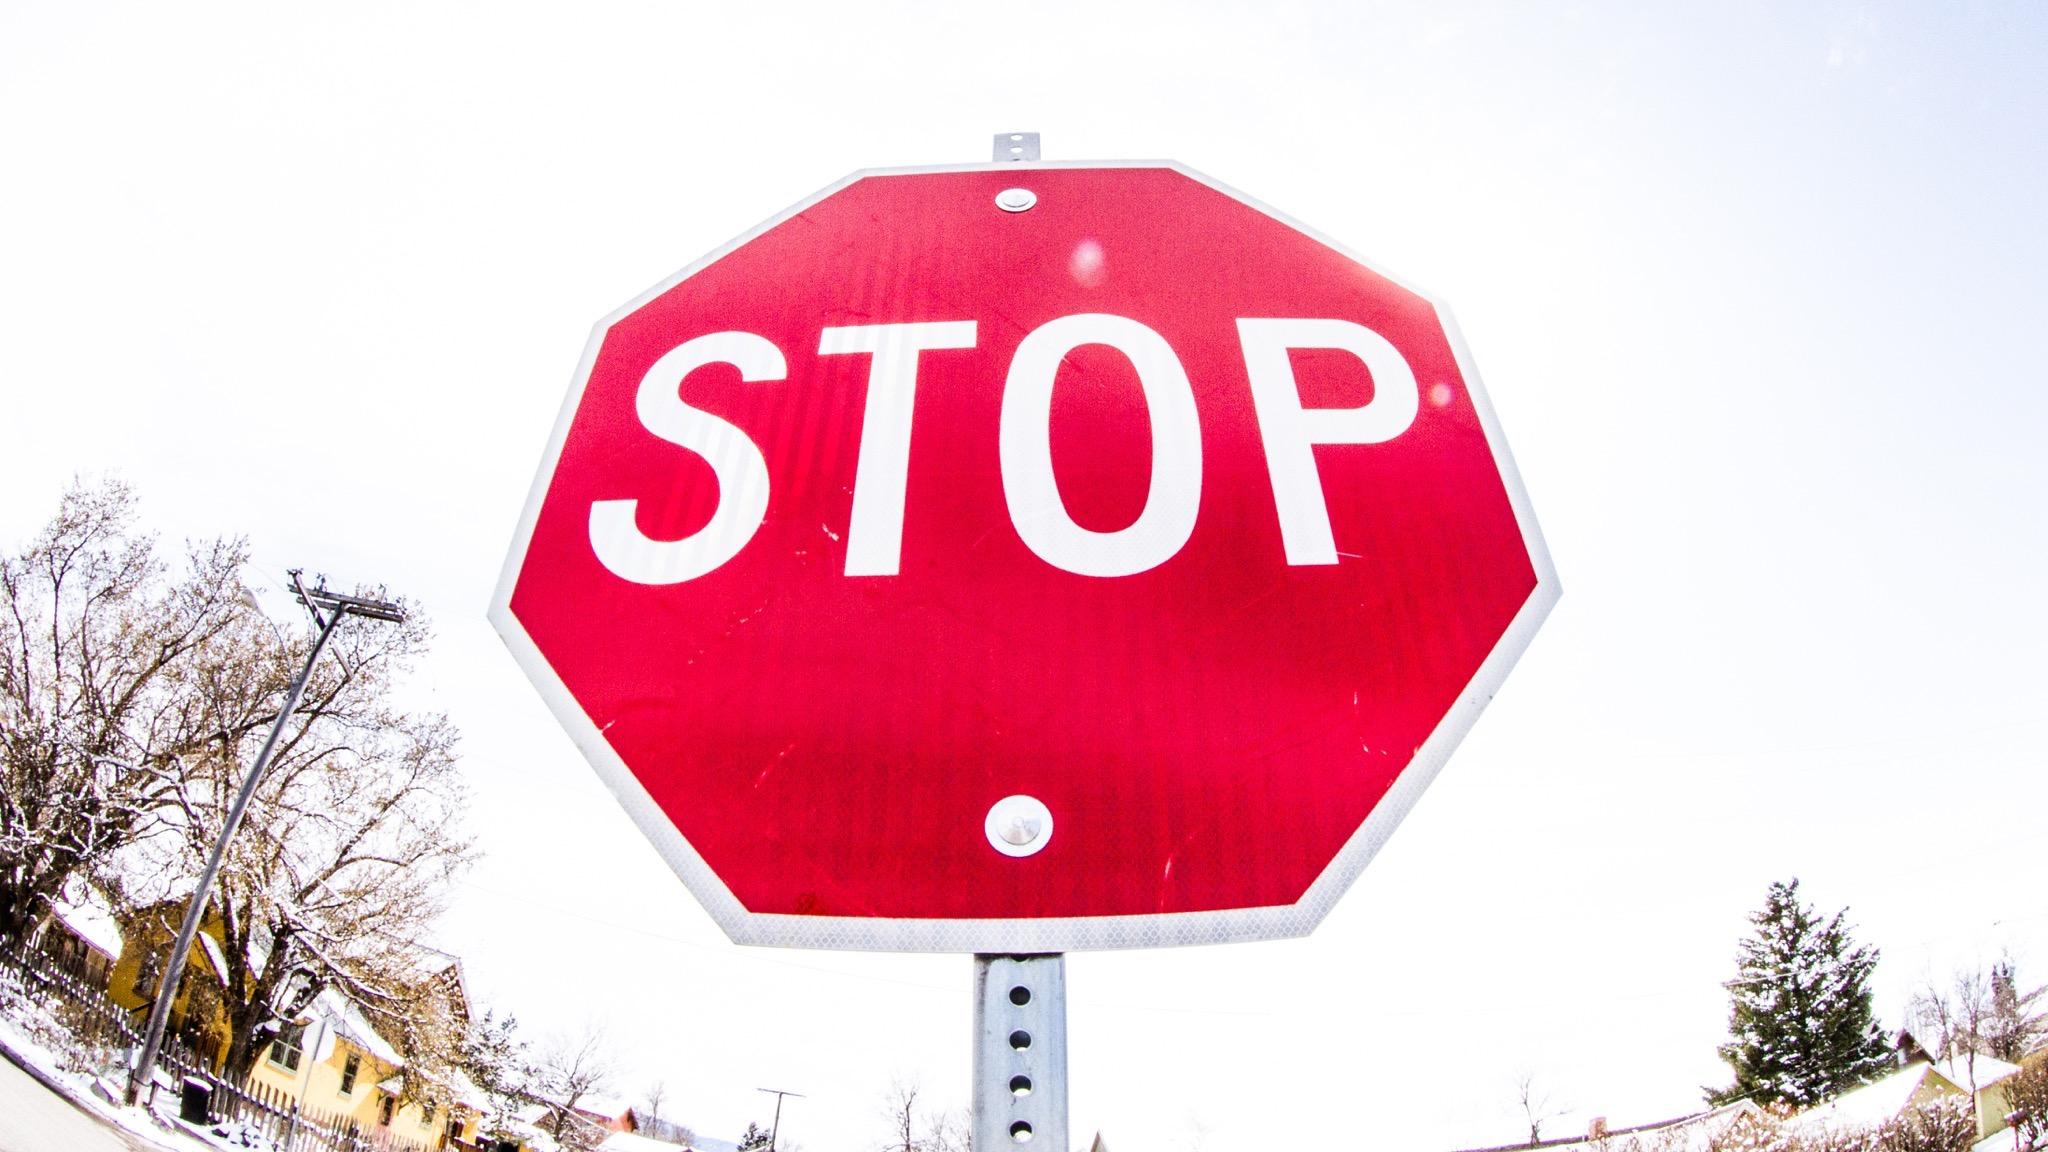 Stop sign in NE Bozeman